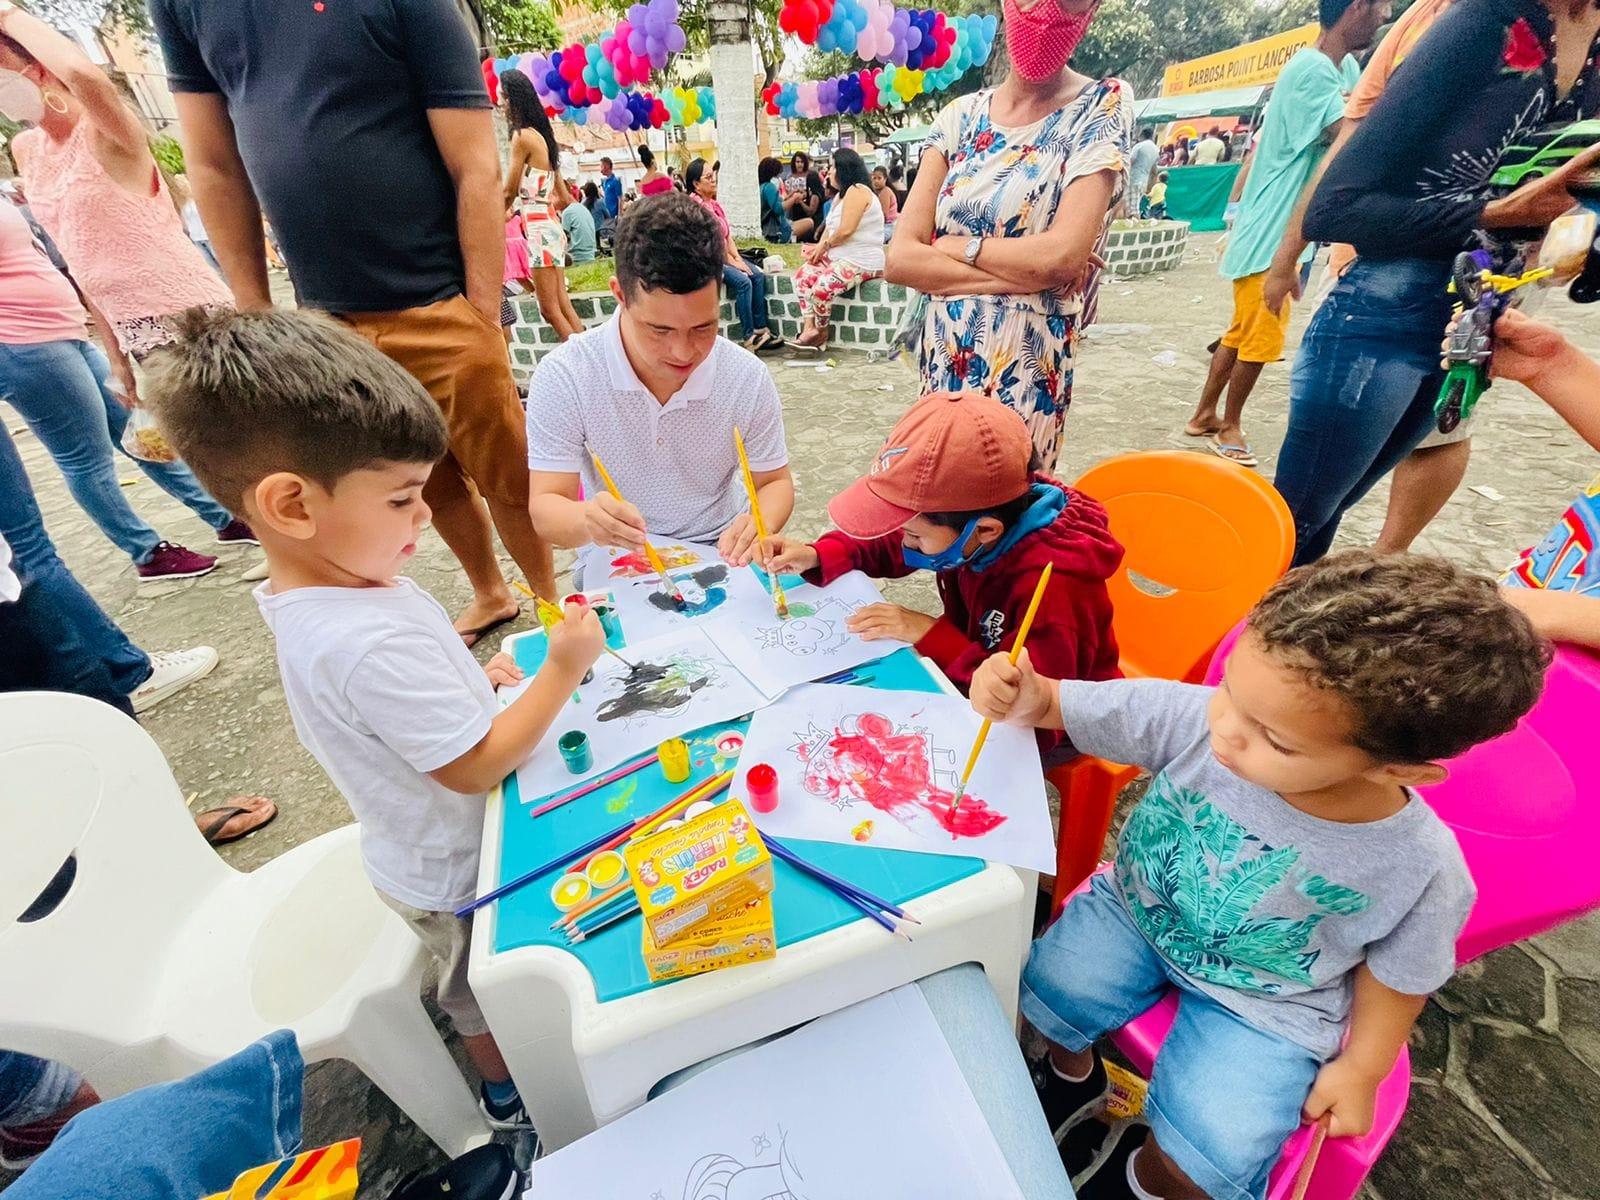 Evento É Dia de Brincar resgata brincadeiras tradicionais e já é considerado maior ação social de Dia das Crianças já realizada em Itagimirim 38